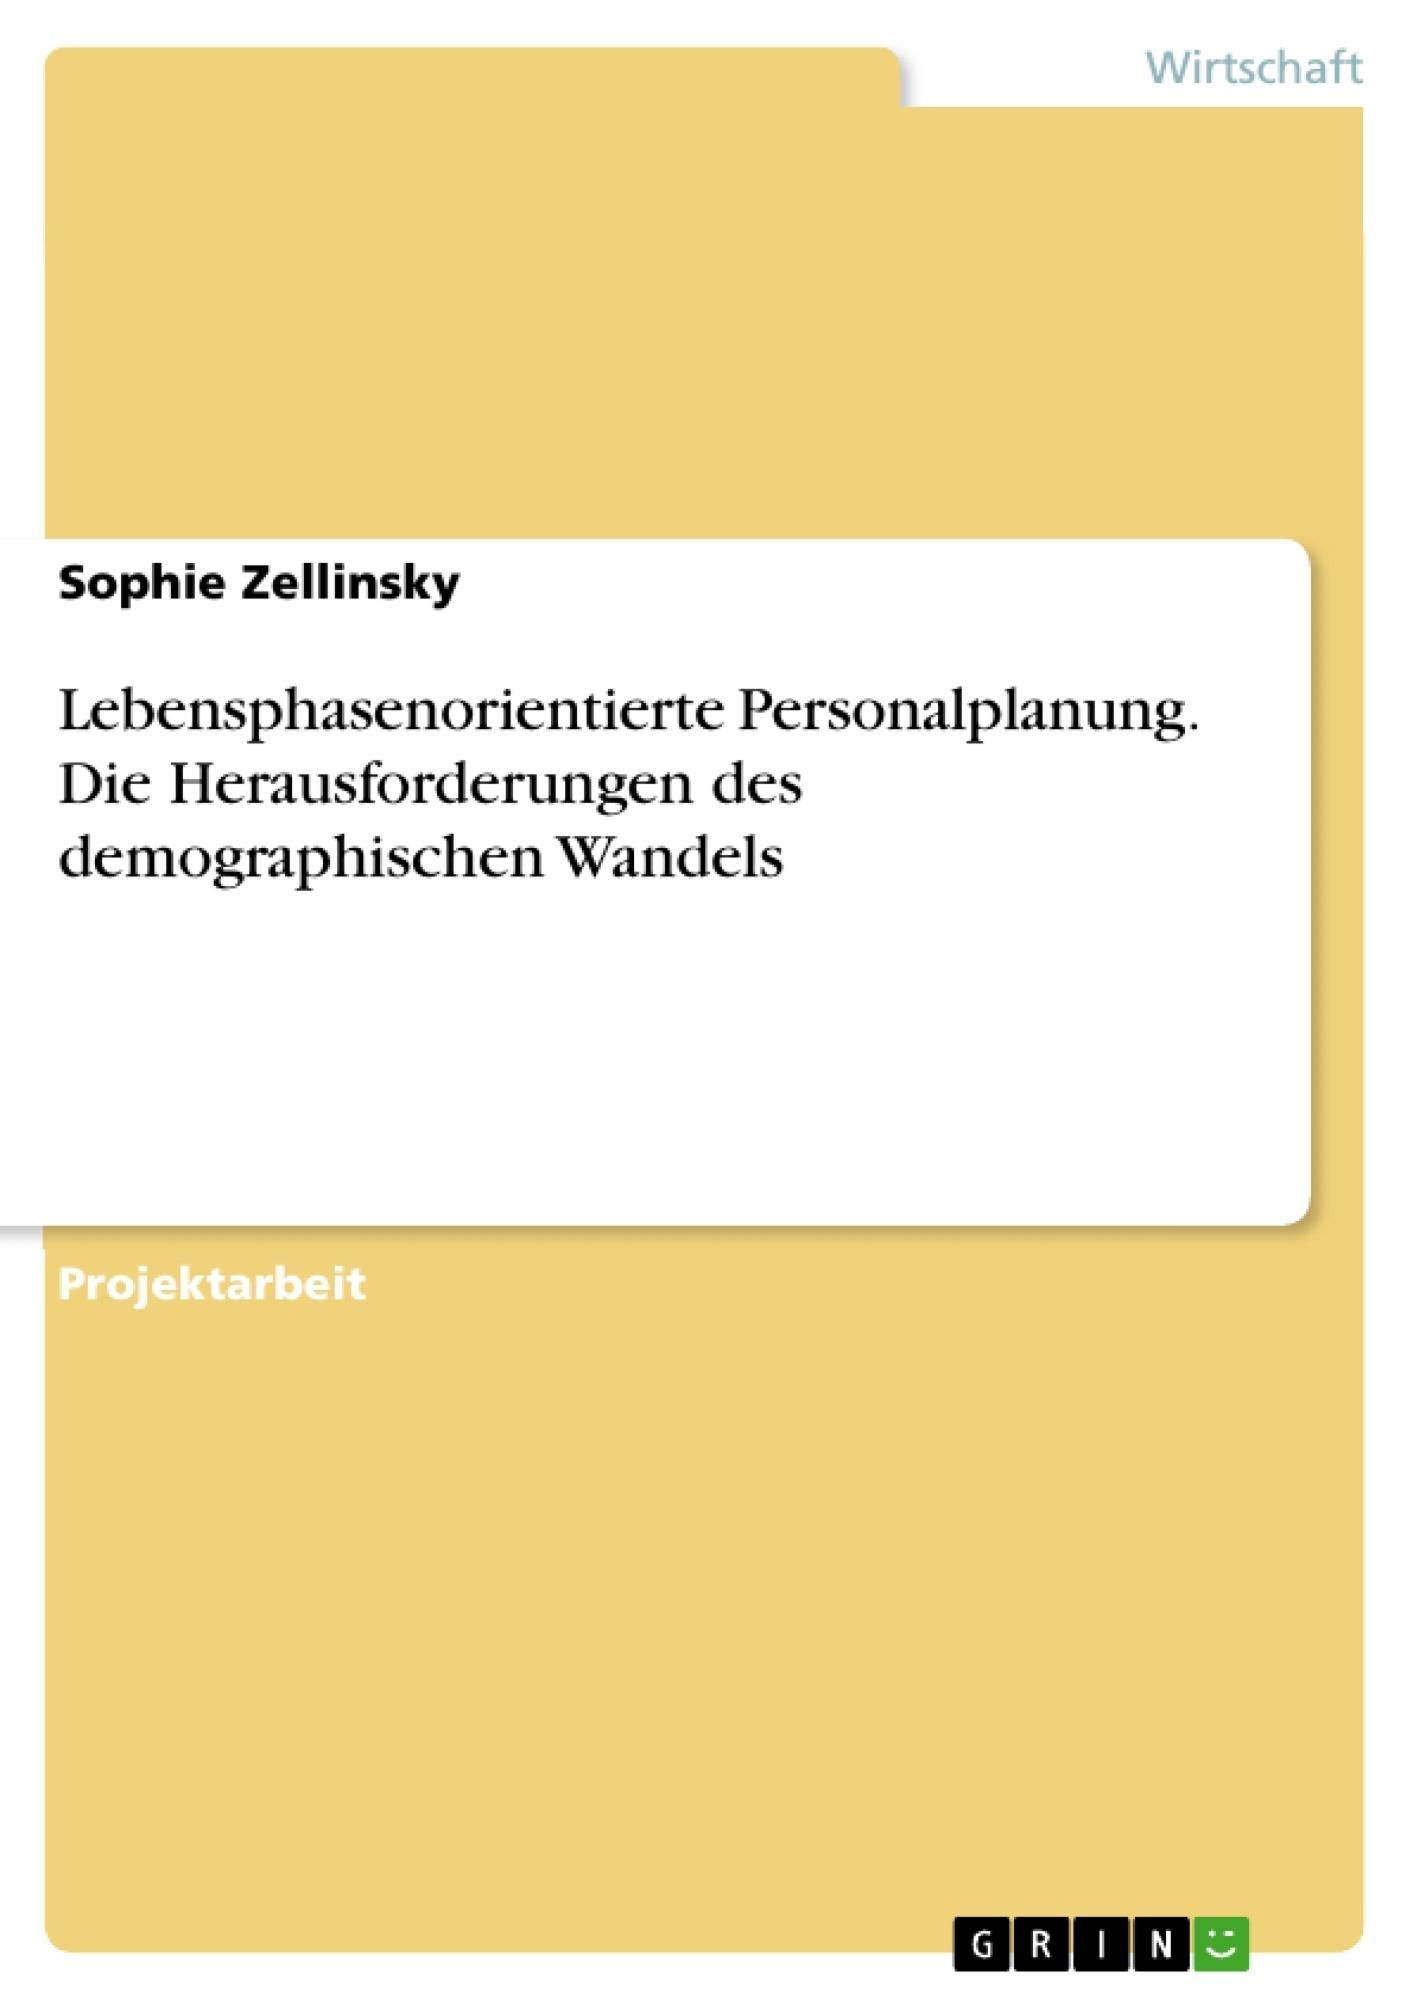 Titel: Lebensphasenorientierte Personalplanung. Die Herausforderungen des demographischen Wandels